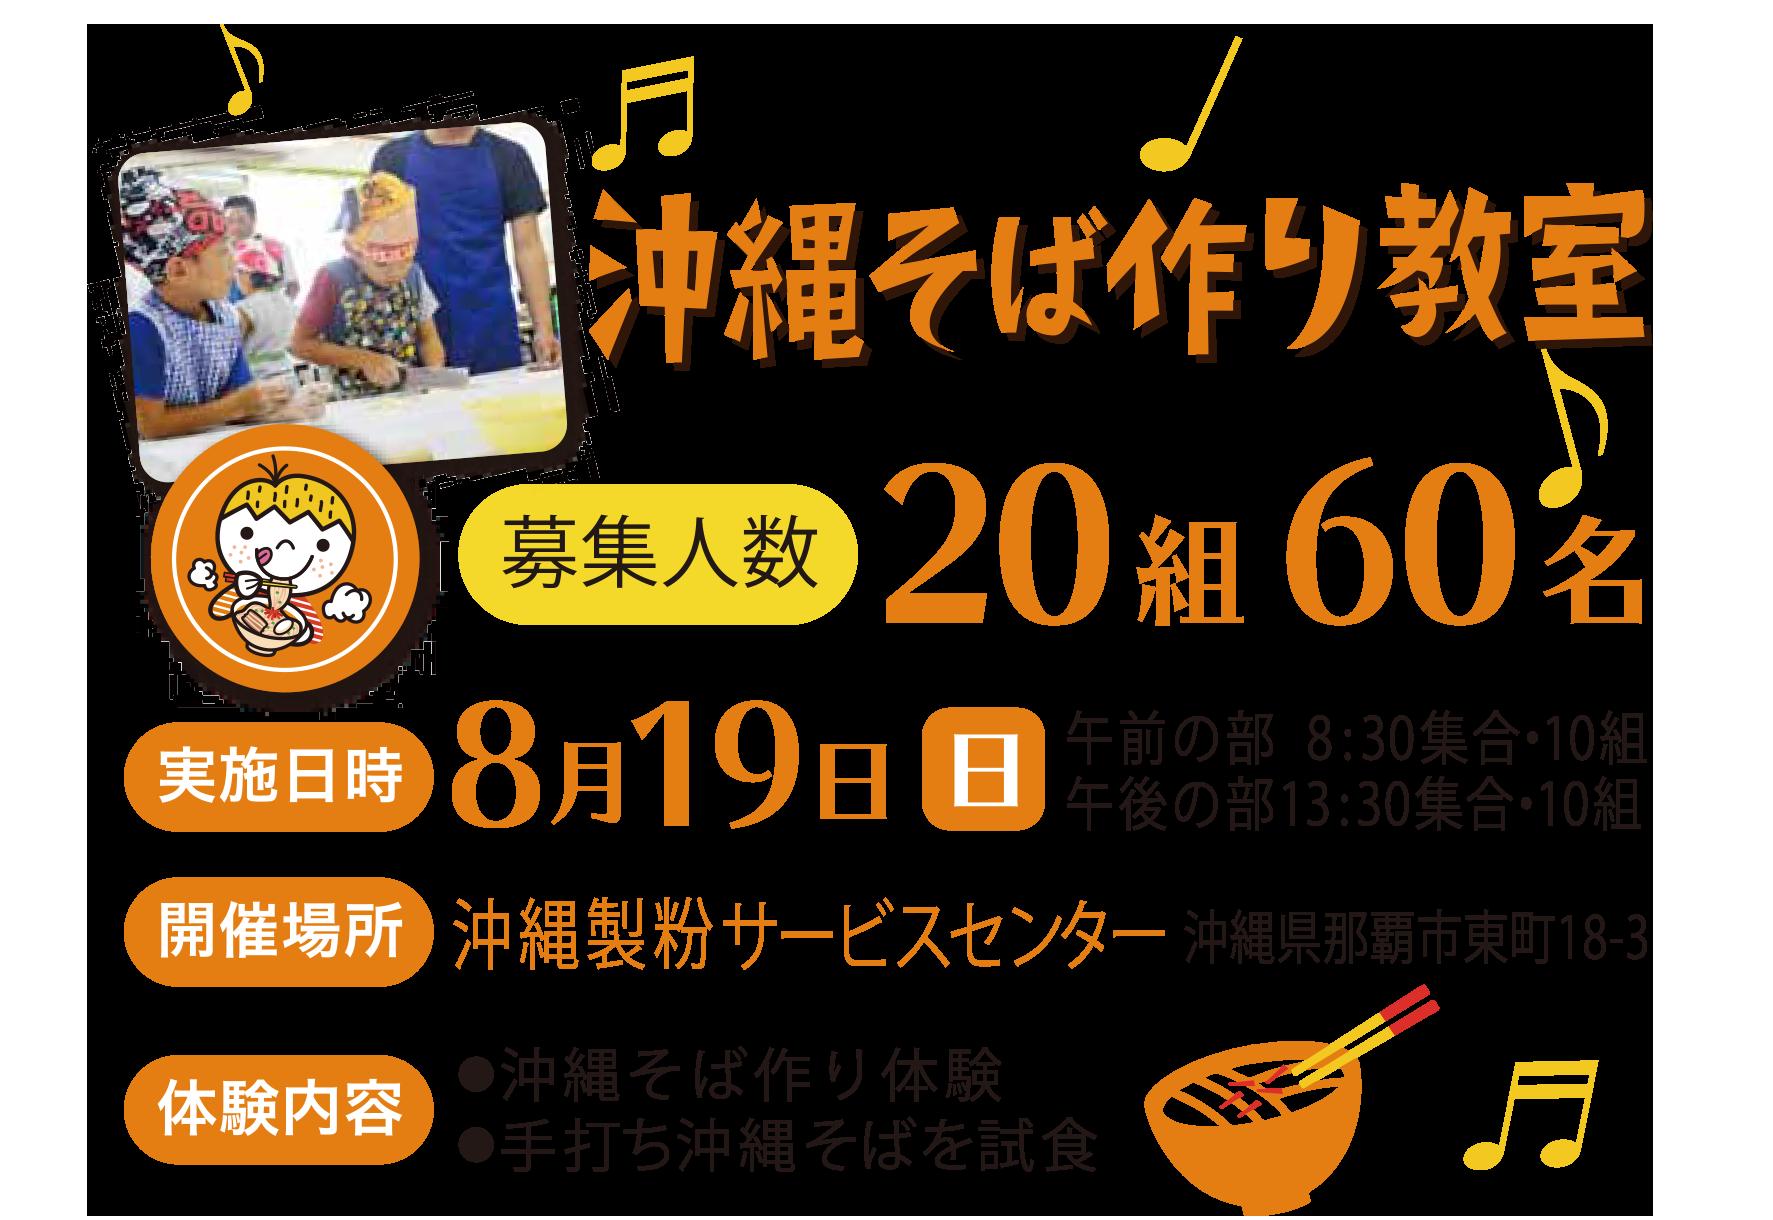 わくわく食育キャンペーン沖縄そば作り教室